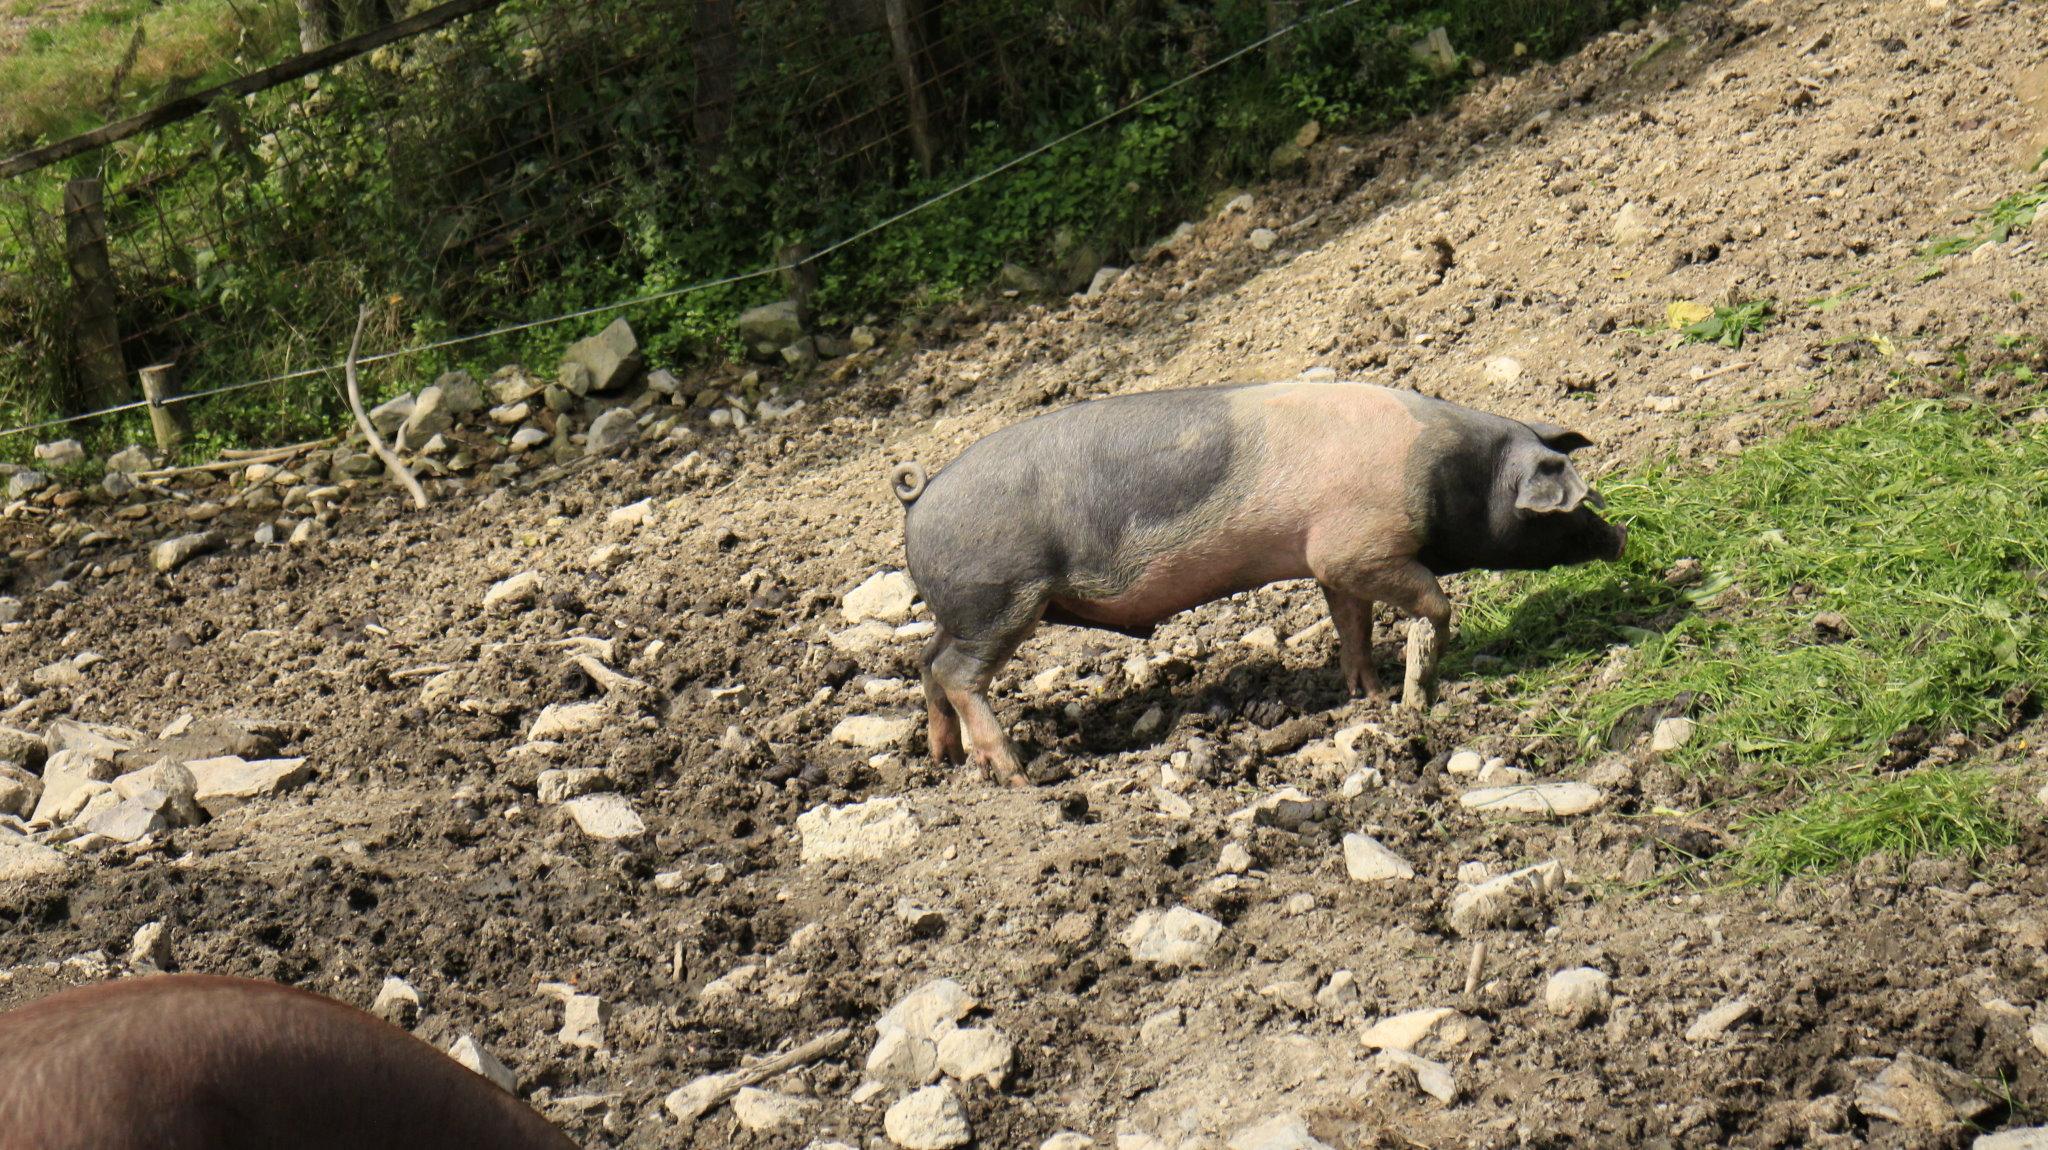 Schwäbisch-Hällisches Schwein aus der Schweinezucht von Metzgermeister Sepp Mayer in Bischofshofen